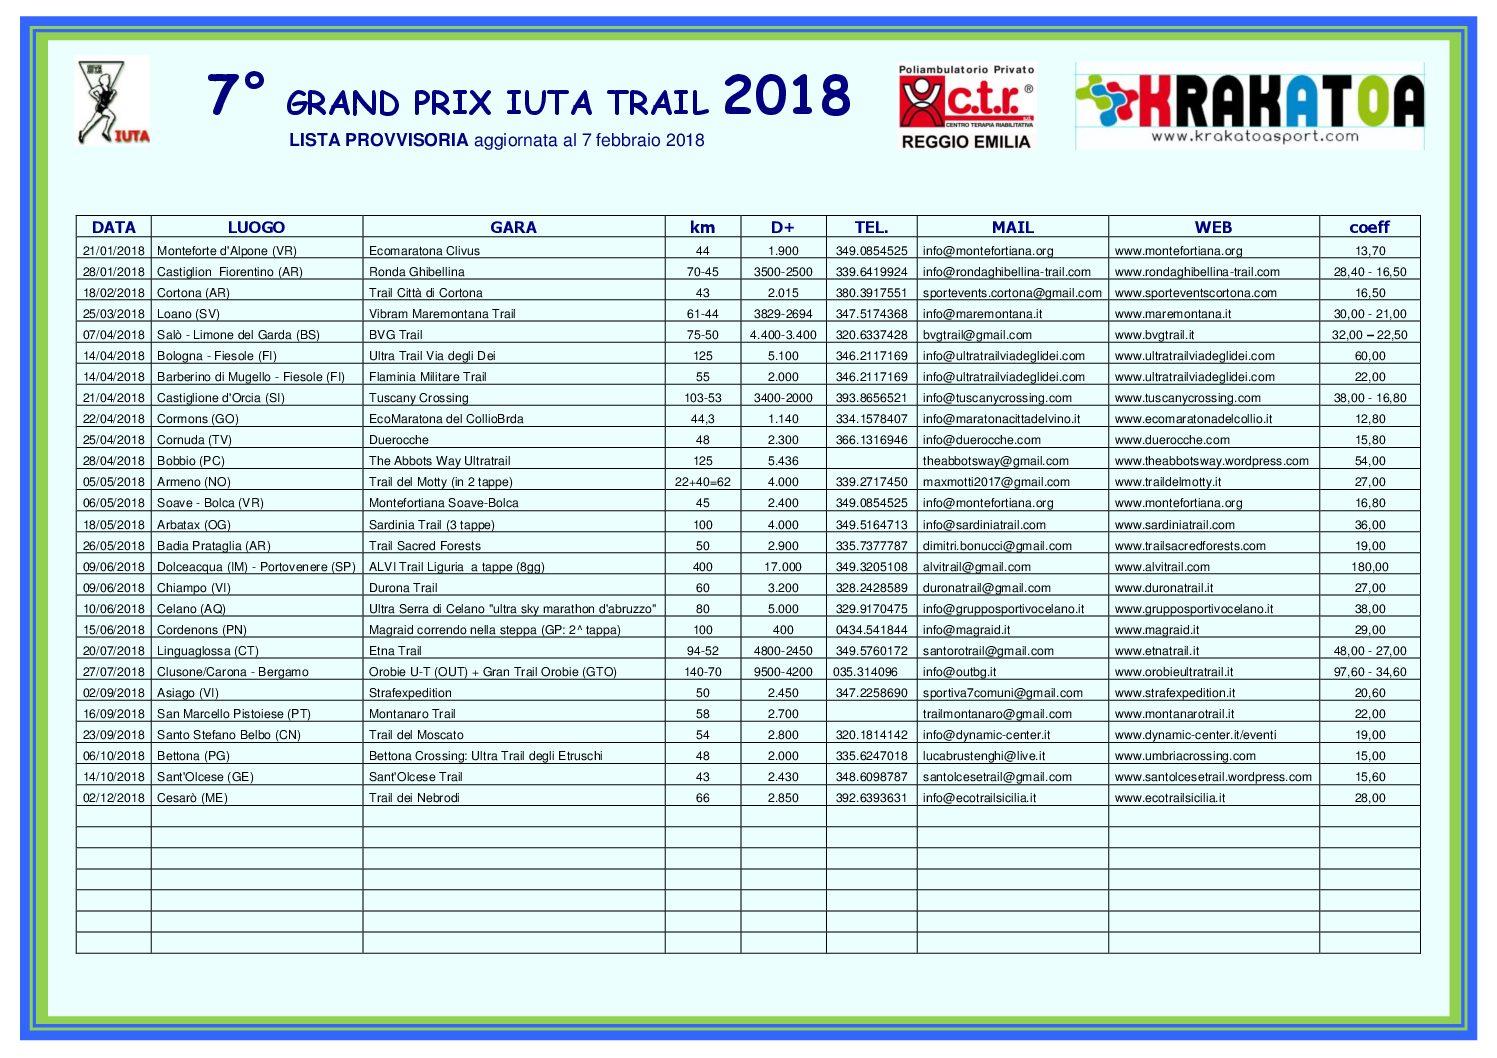 7° Grand Prix IUTA Trail 2018